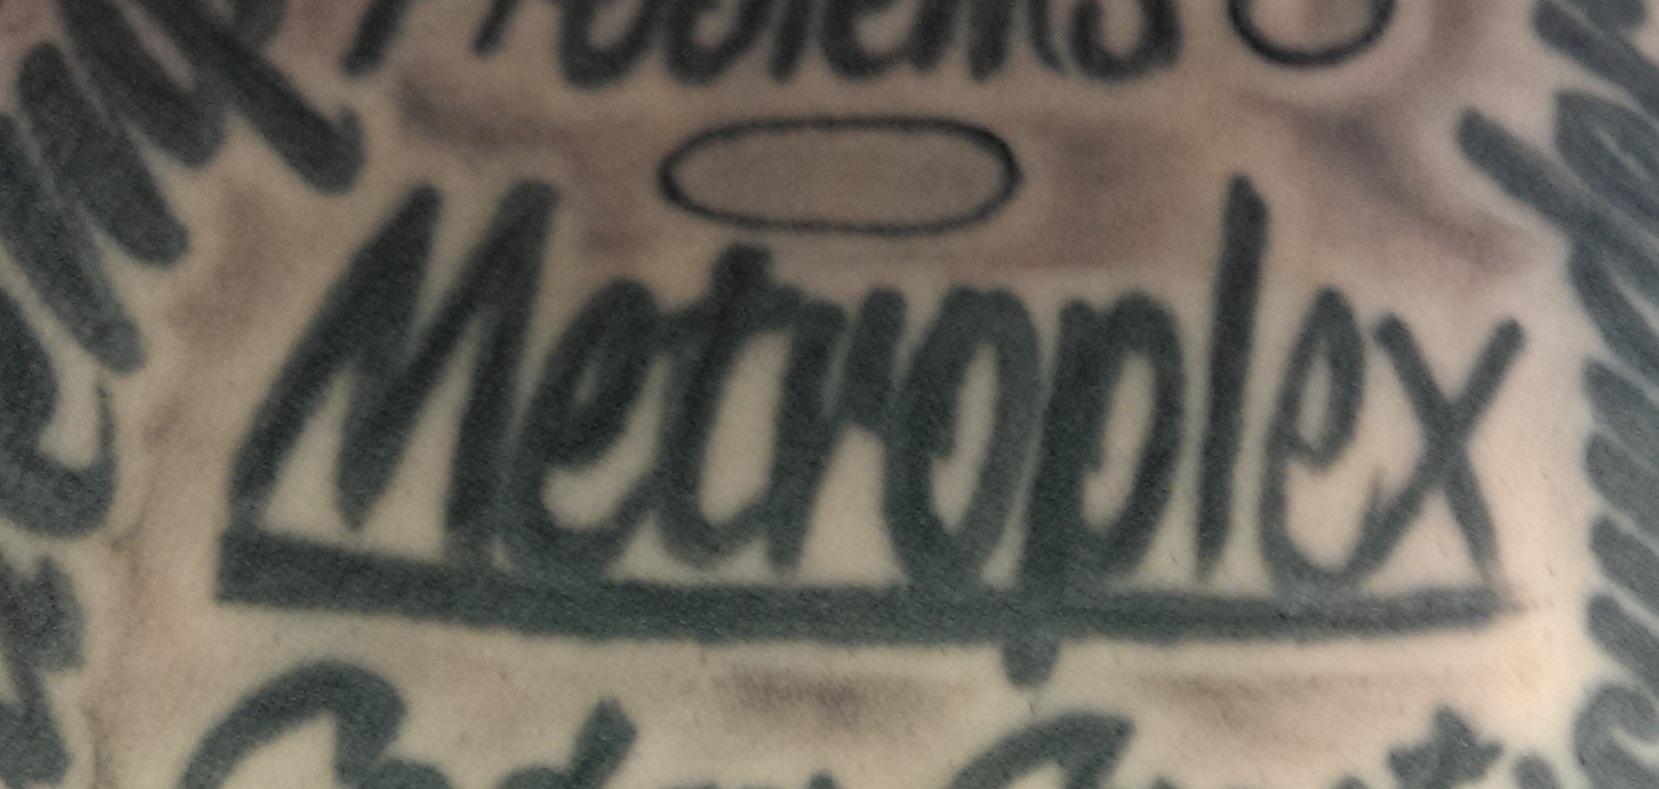 Metroplex Hospital Tattoo